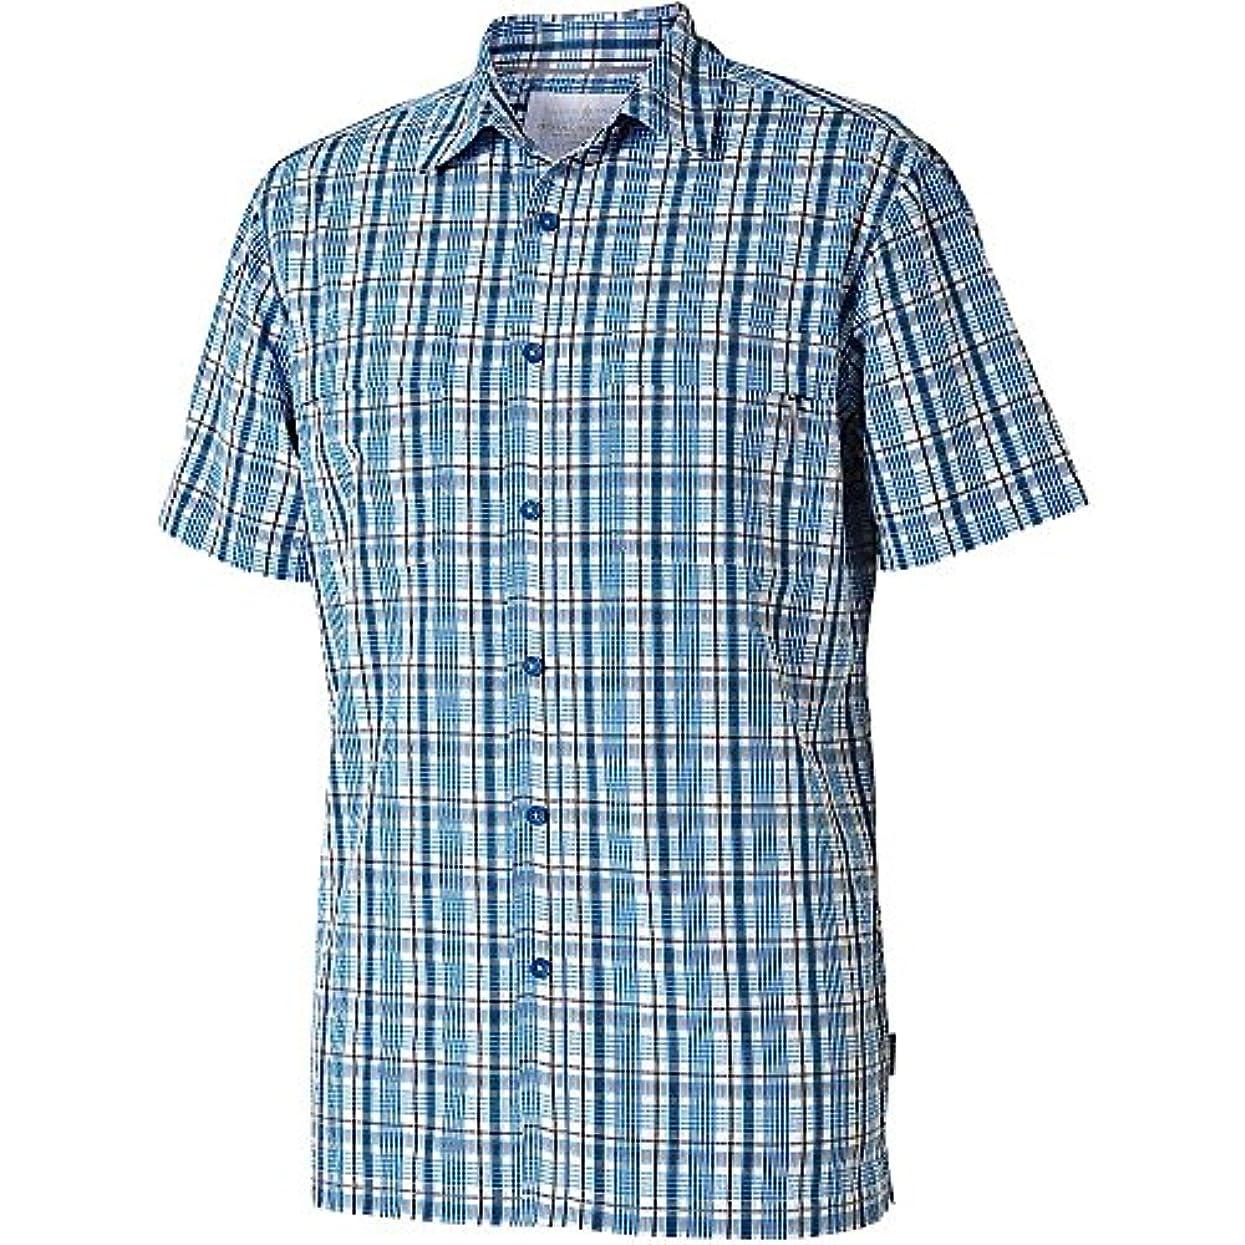 マインドフル手当全部[ロイヤルロビンズ] メンズ シャツ Royal Robbins Men's Diablo Plaid SS Shir [並行輸入品]